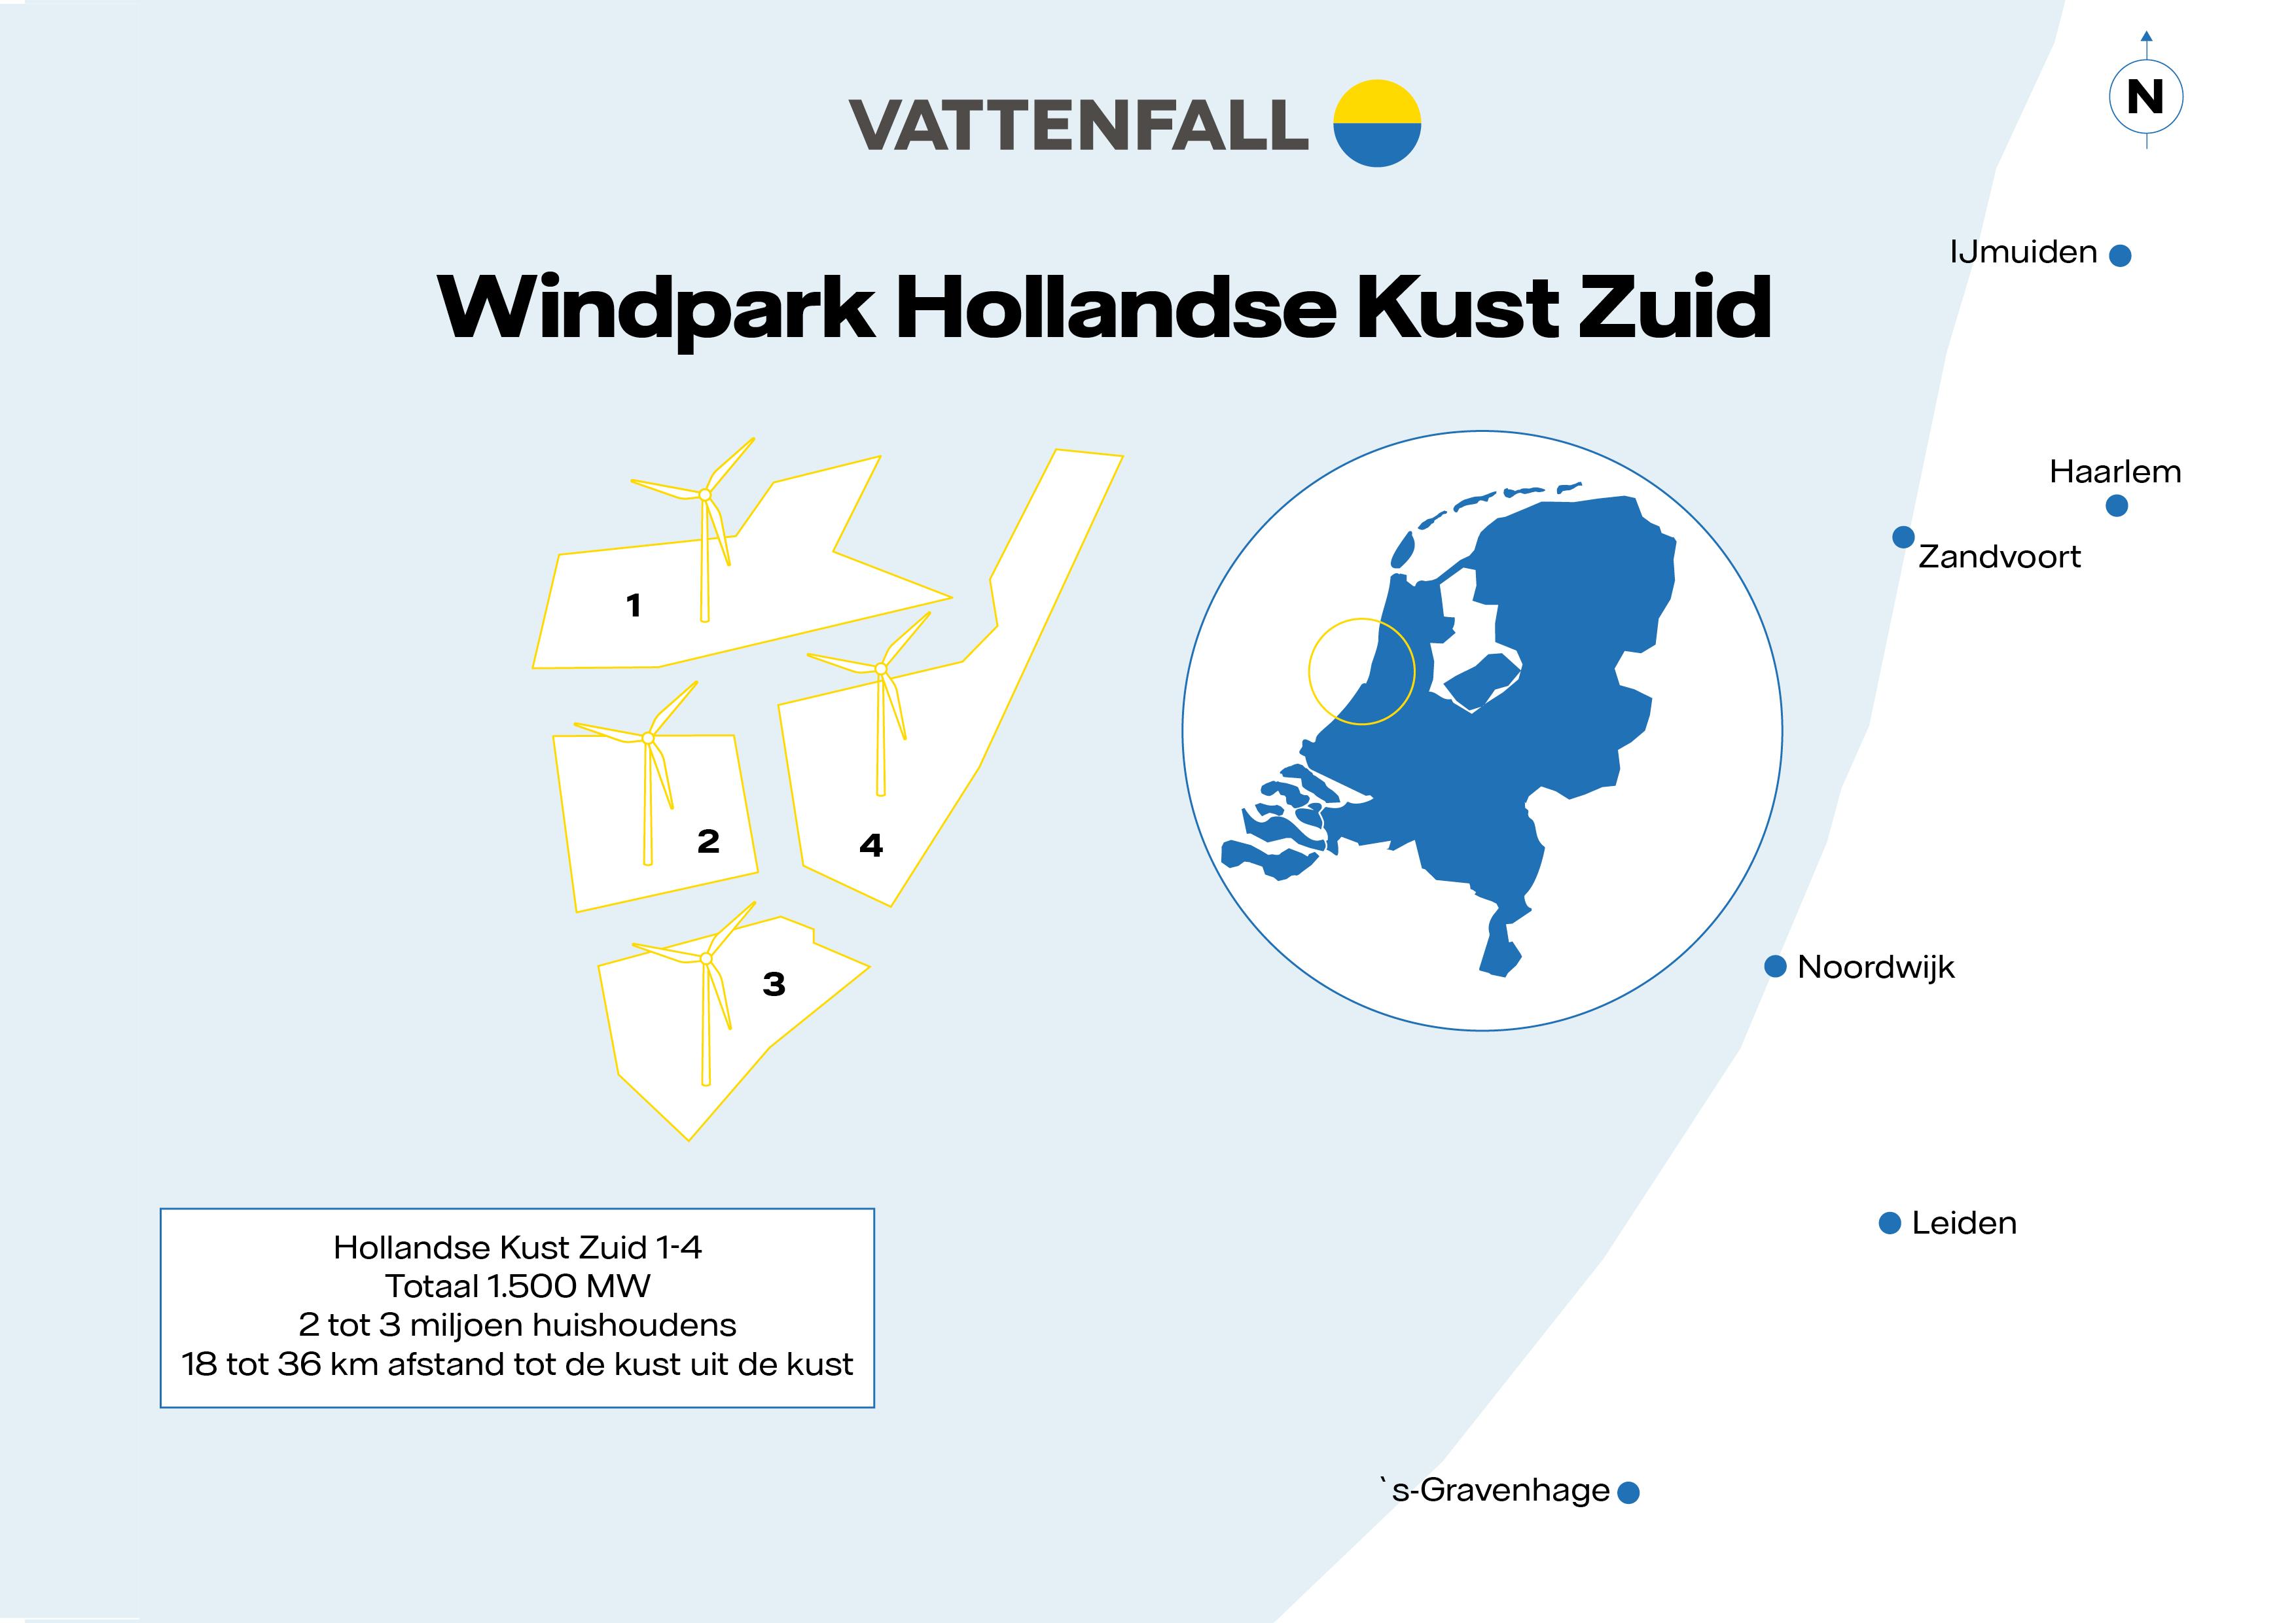 Vattenfall neemt definitieve investeringsbeslissing voor Hollandse Kust Zuid 1-4